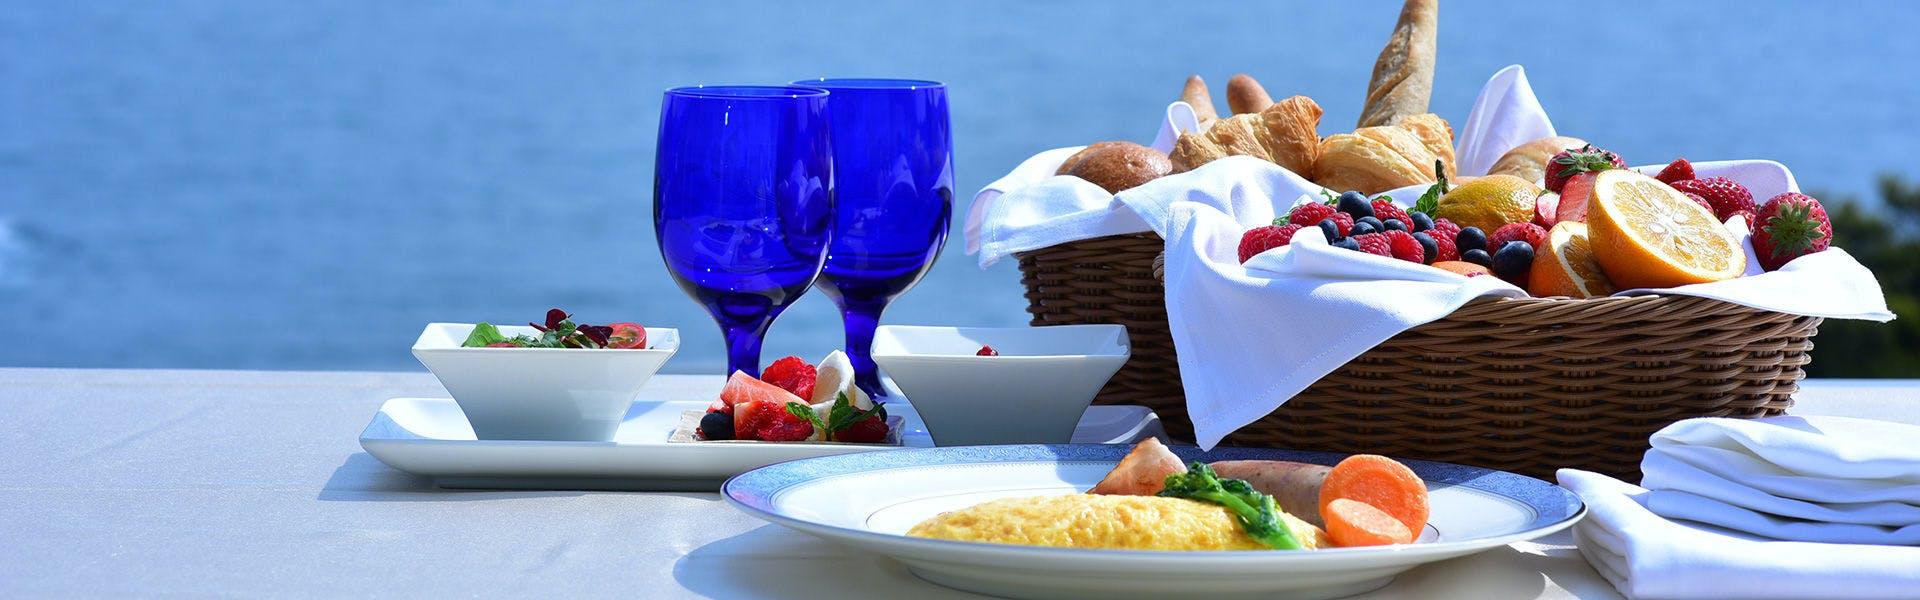 記念日におすすめのホテル・オーベルジュ フォンテーヌ・ブロー熱海の写真1